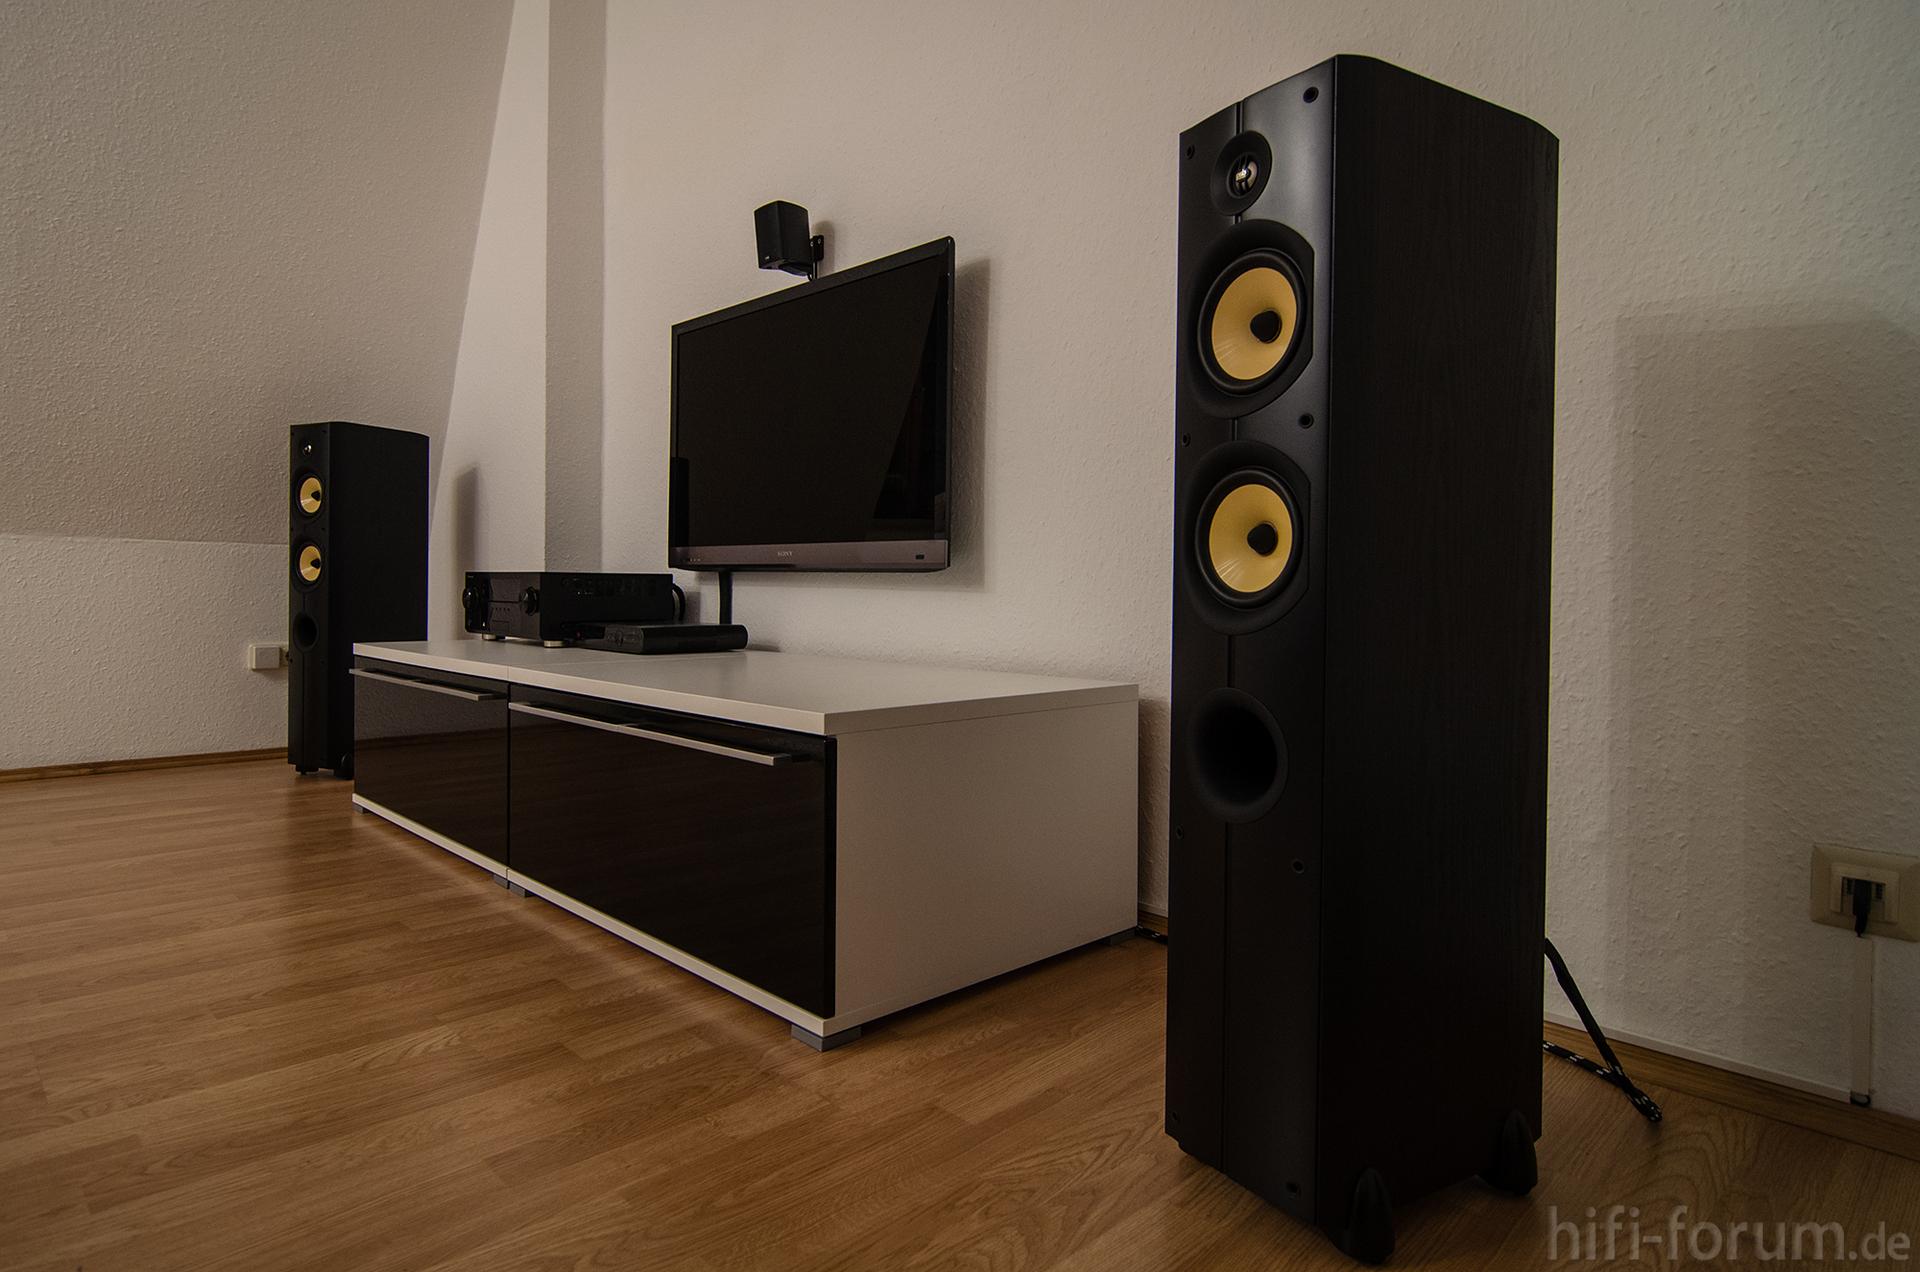 wohnzimmer mit lautsprechern 2 lautsprechern psb t5 wohnzimmer hifi bildergalerie. Black Bedroom Furniture Sets. Home Design Ideas